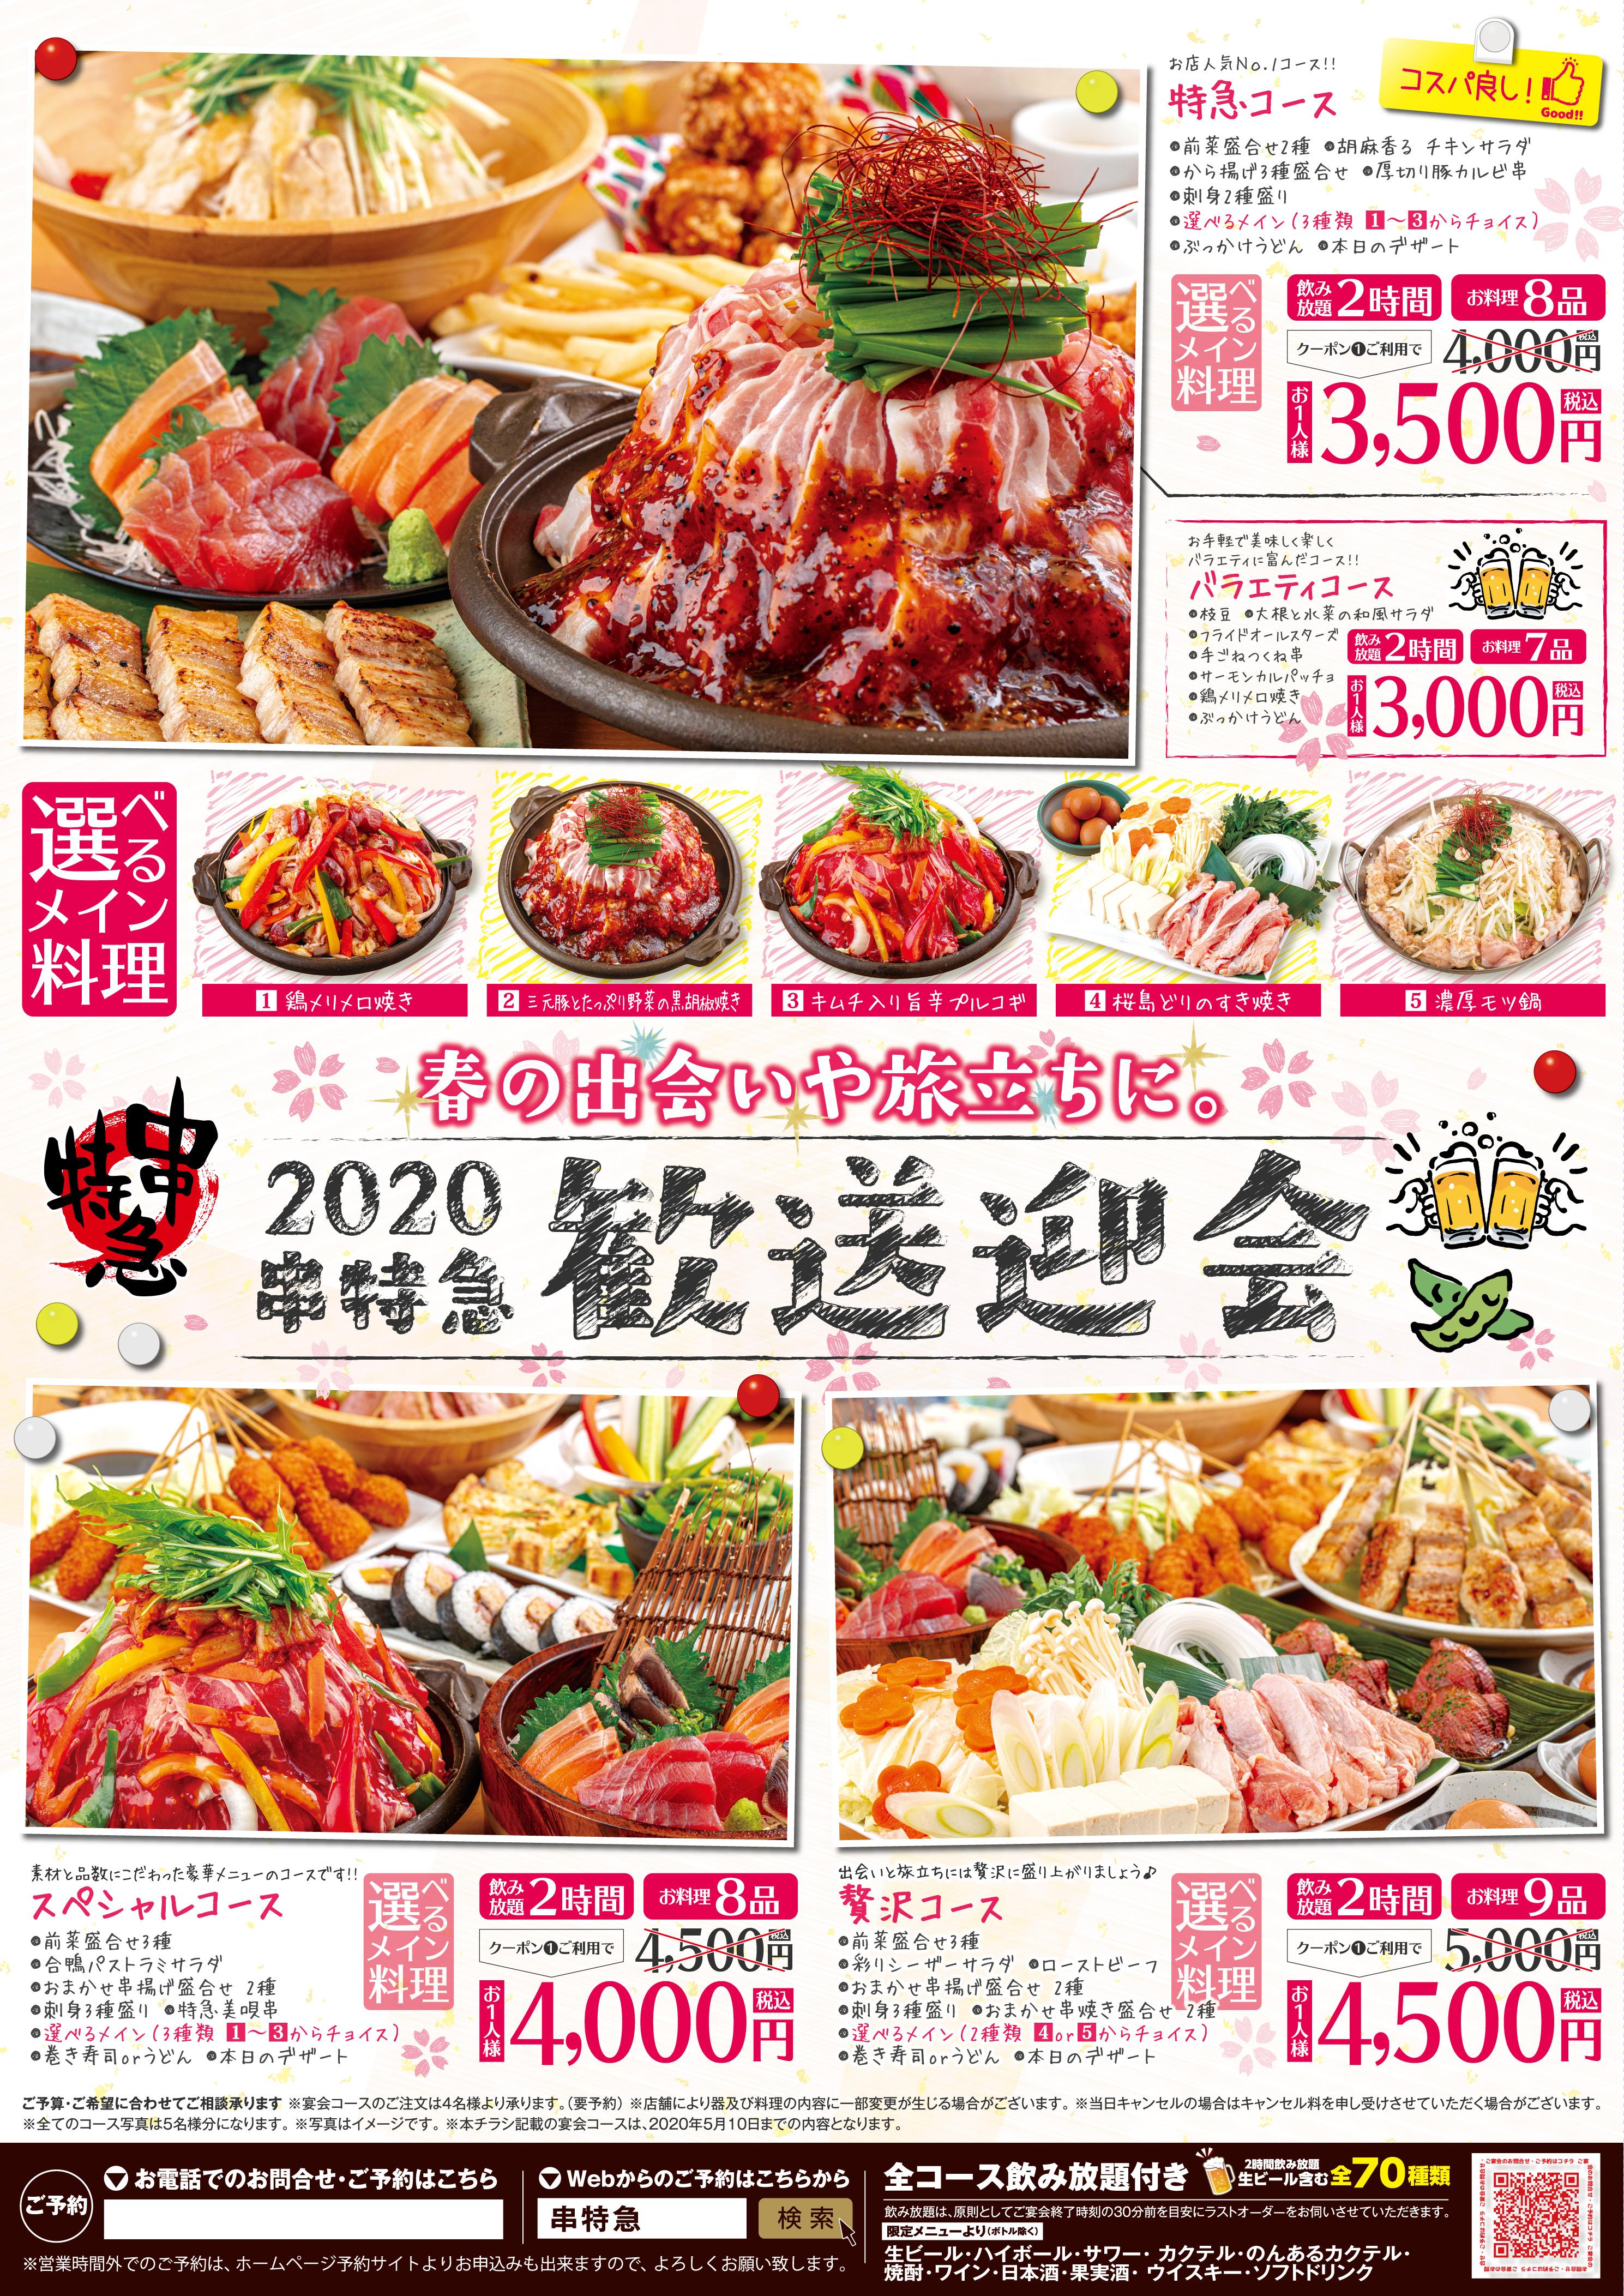 「歓送迎会」向けご宴会コースご予約絶賛受付中!!